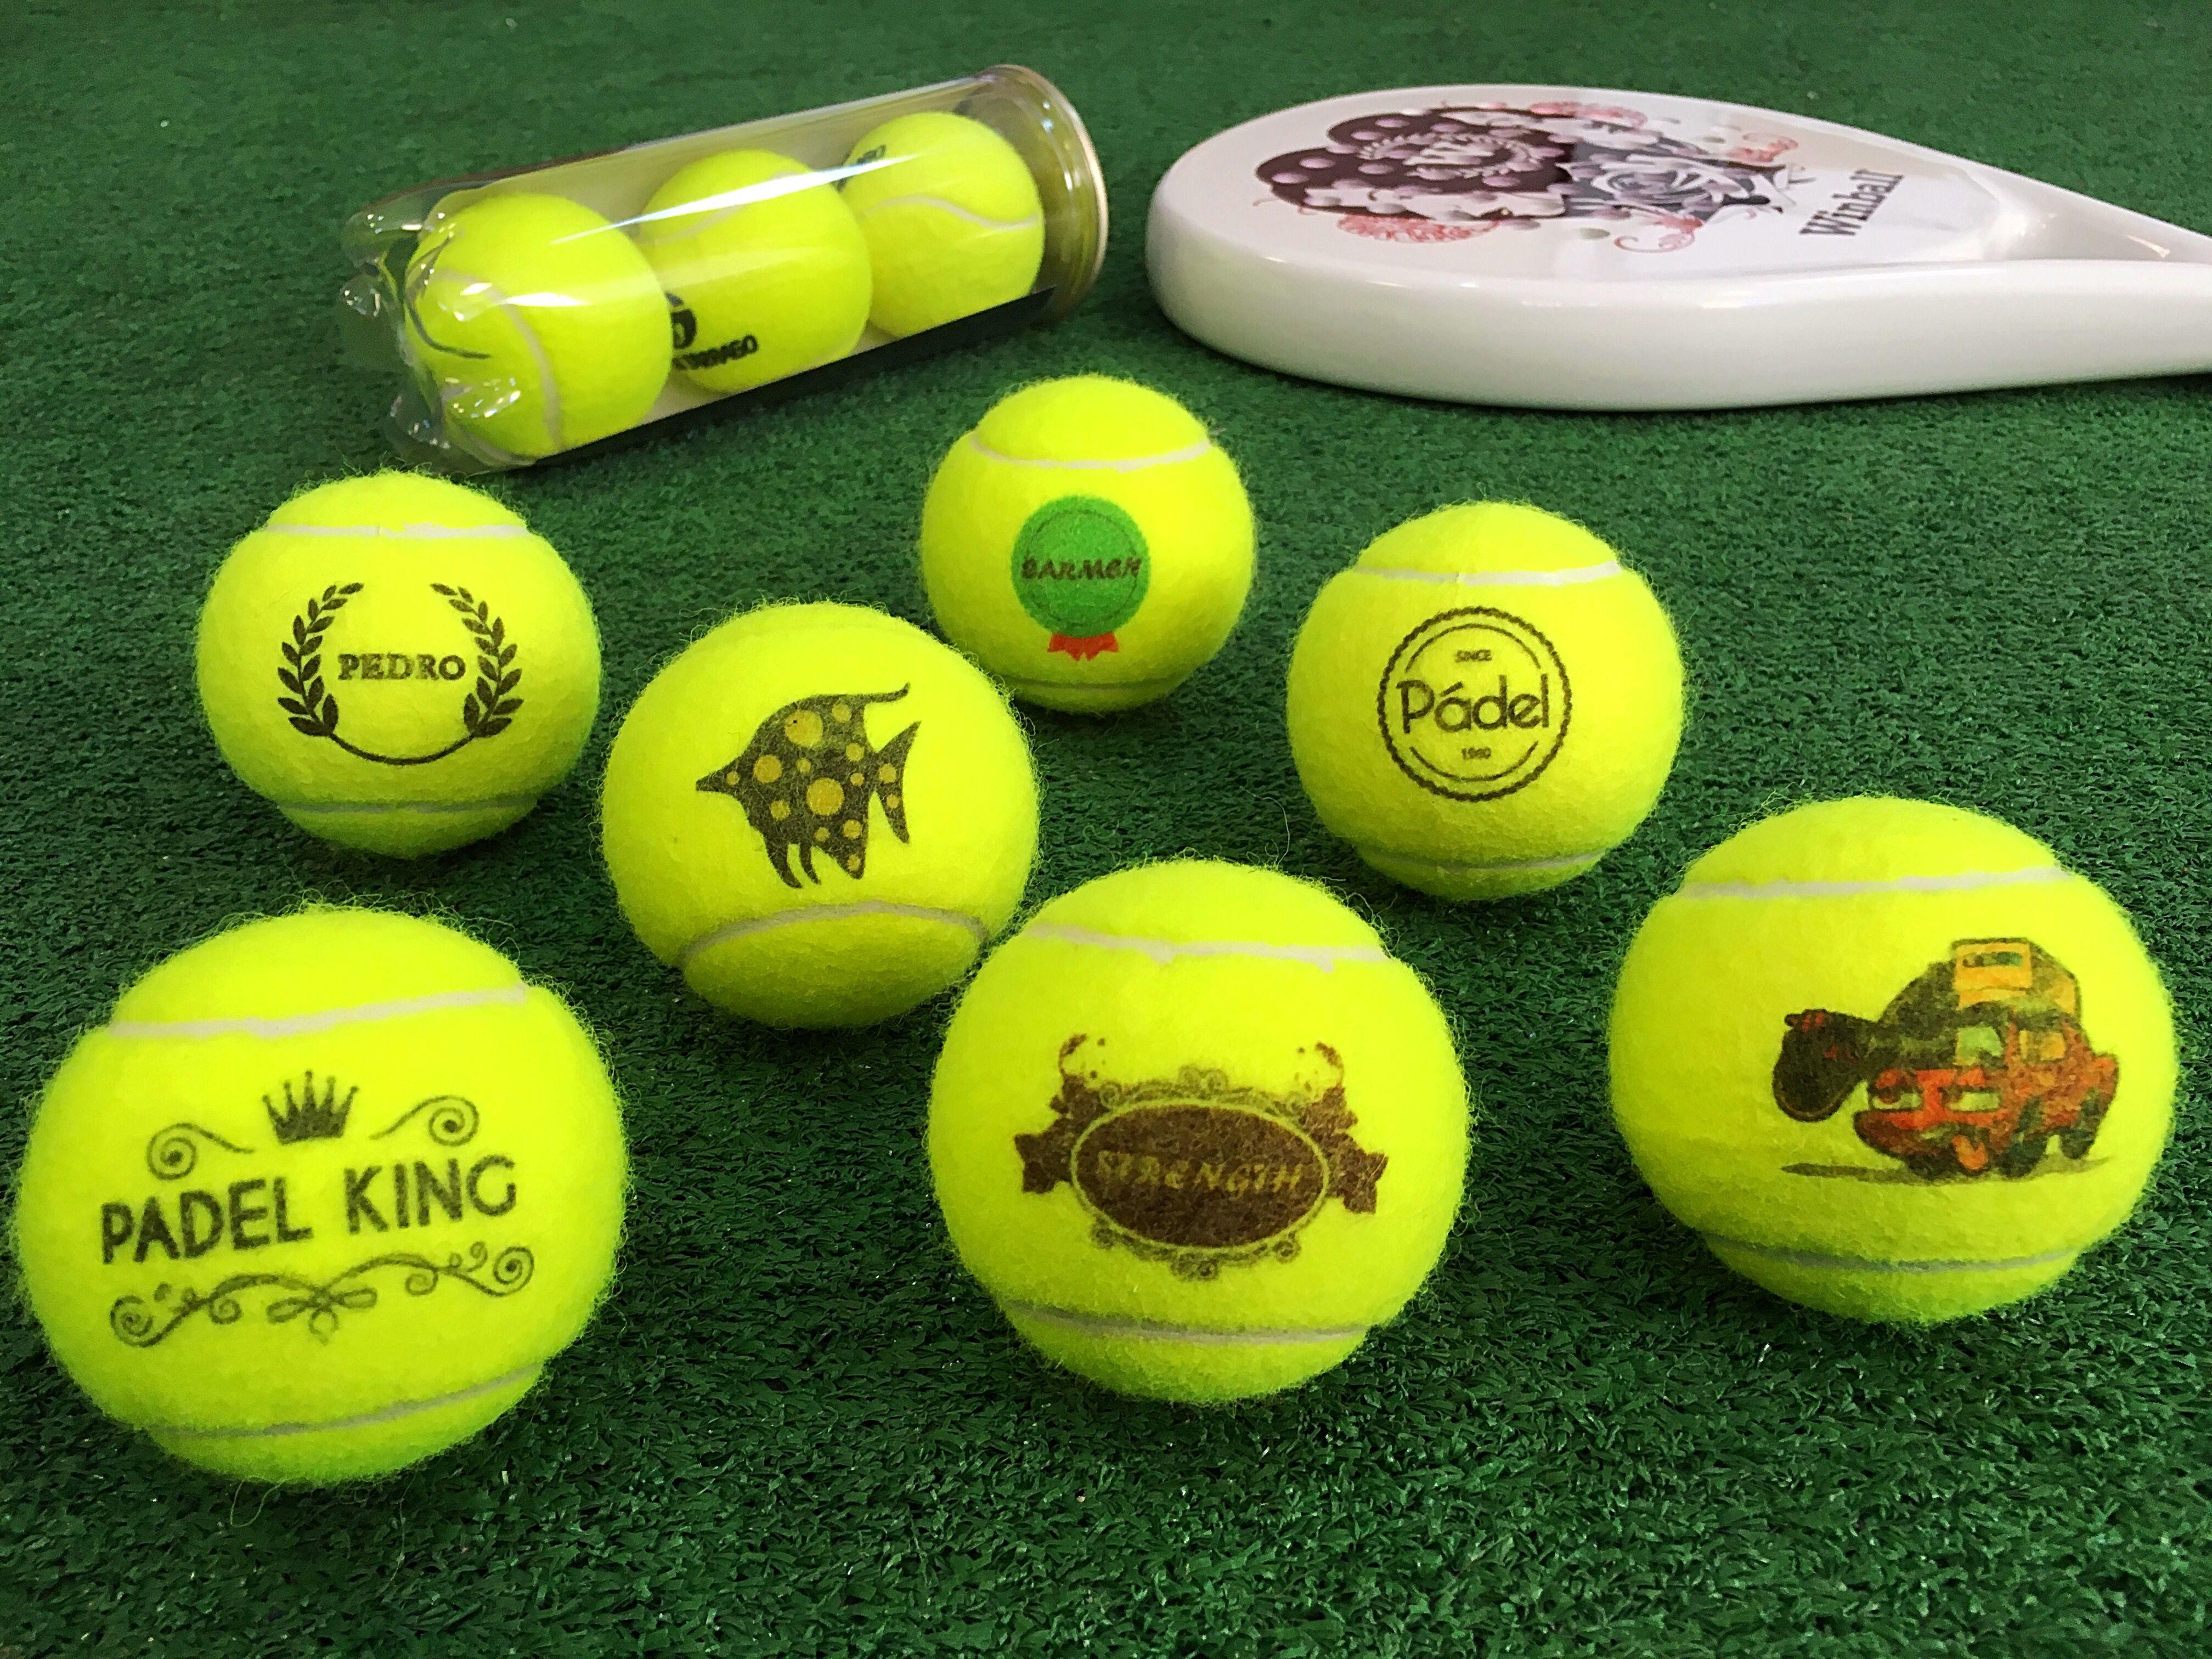 66e30ad30 #winball Personaliza tus #bolas, ¿has pensado ya que personalización  quieres poner?